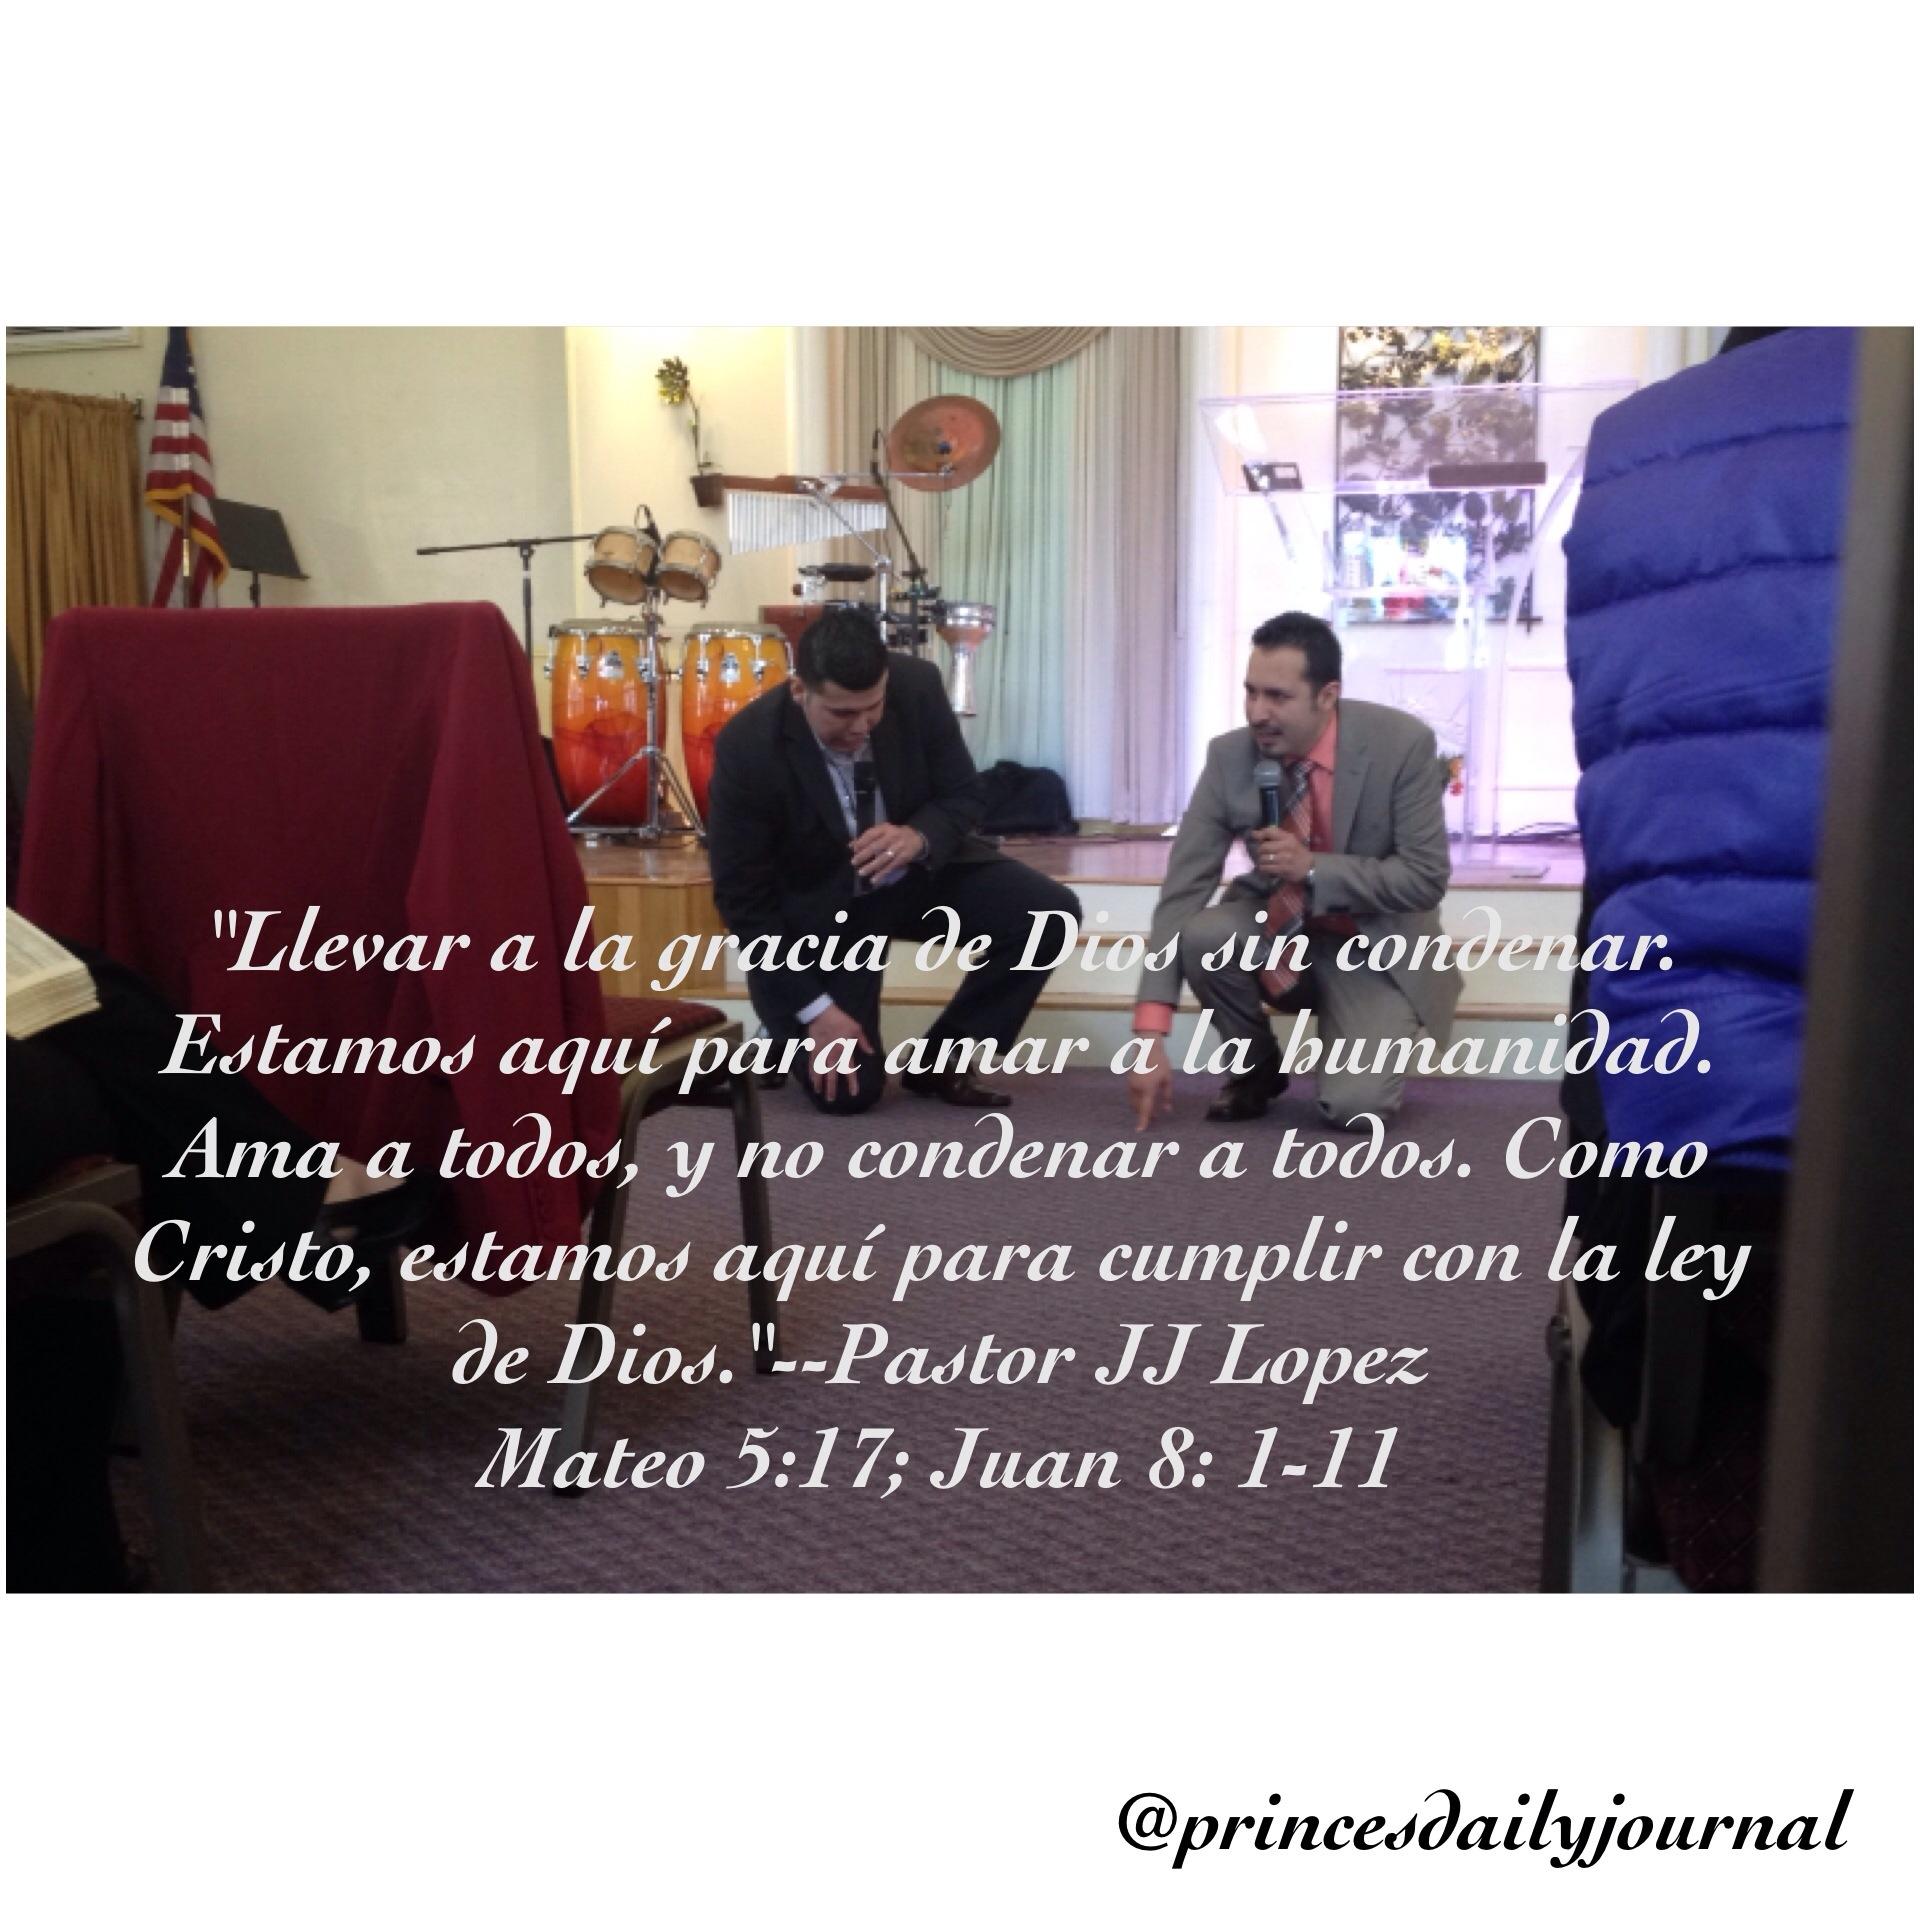 Pasto JJ Lopez (princesdailyjournal)